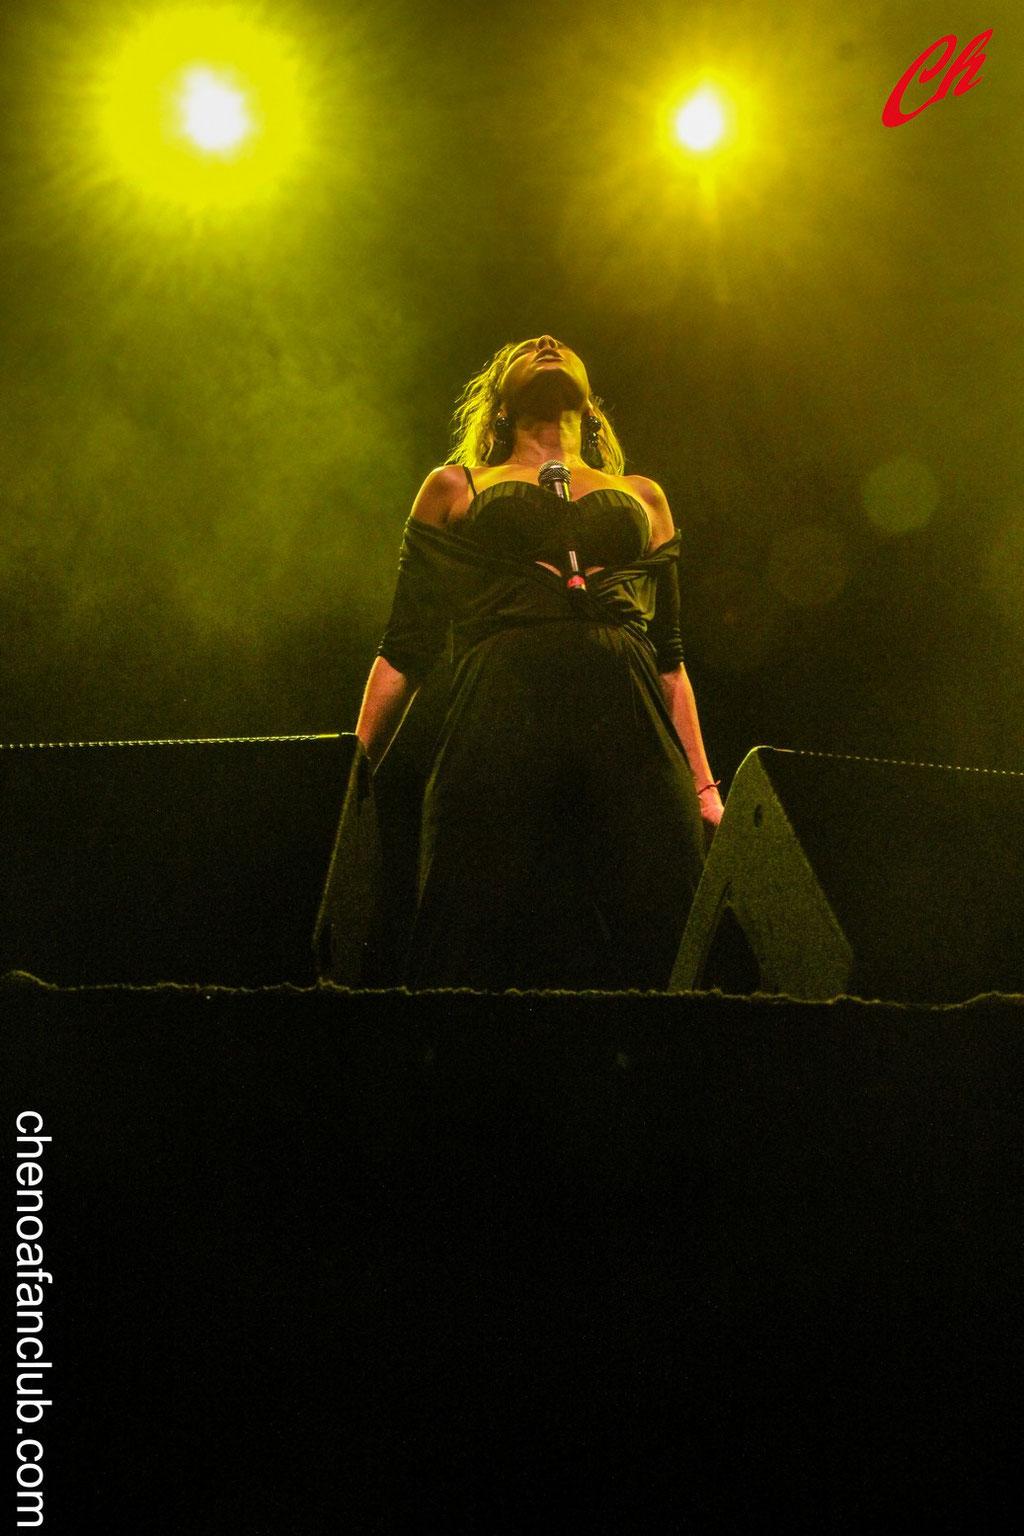 Concierto Santa Coloma de Gramenet (Barcelona) 02/09/2017 - Fotos Celia de la Vega